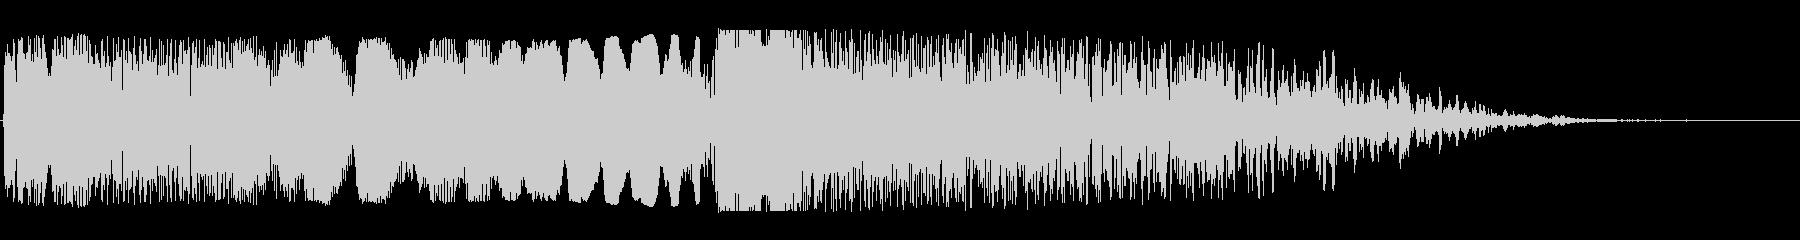 ワープ突入(ドゥーーン、ブシューン)の未再生の波形